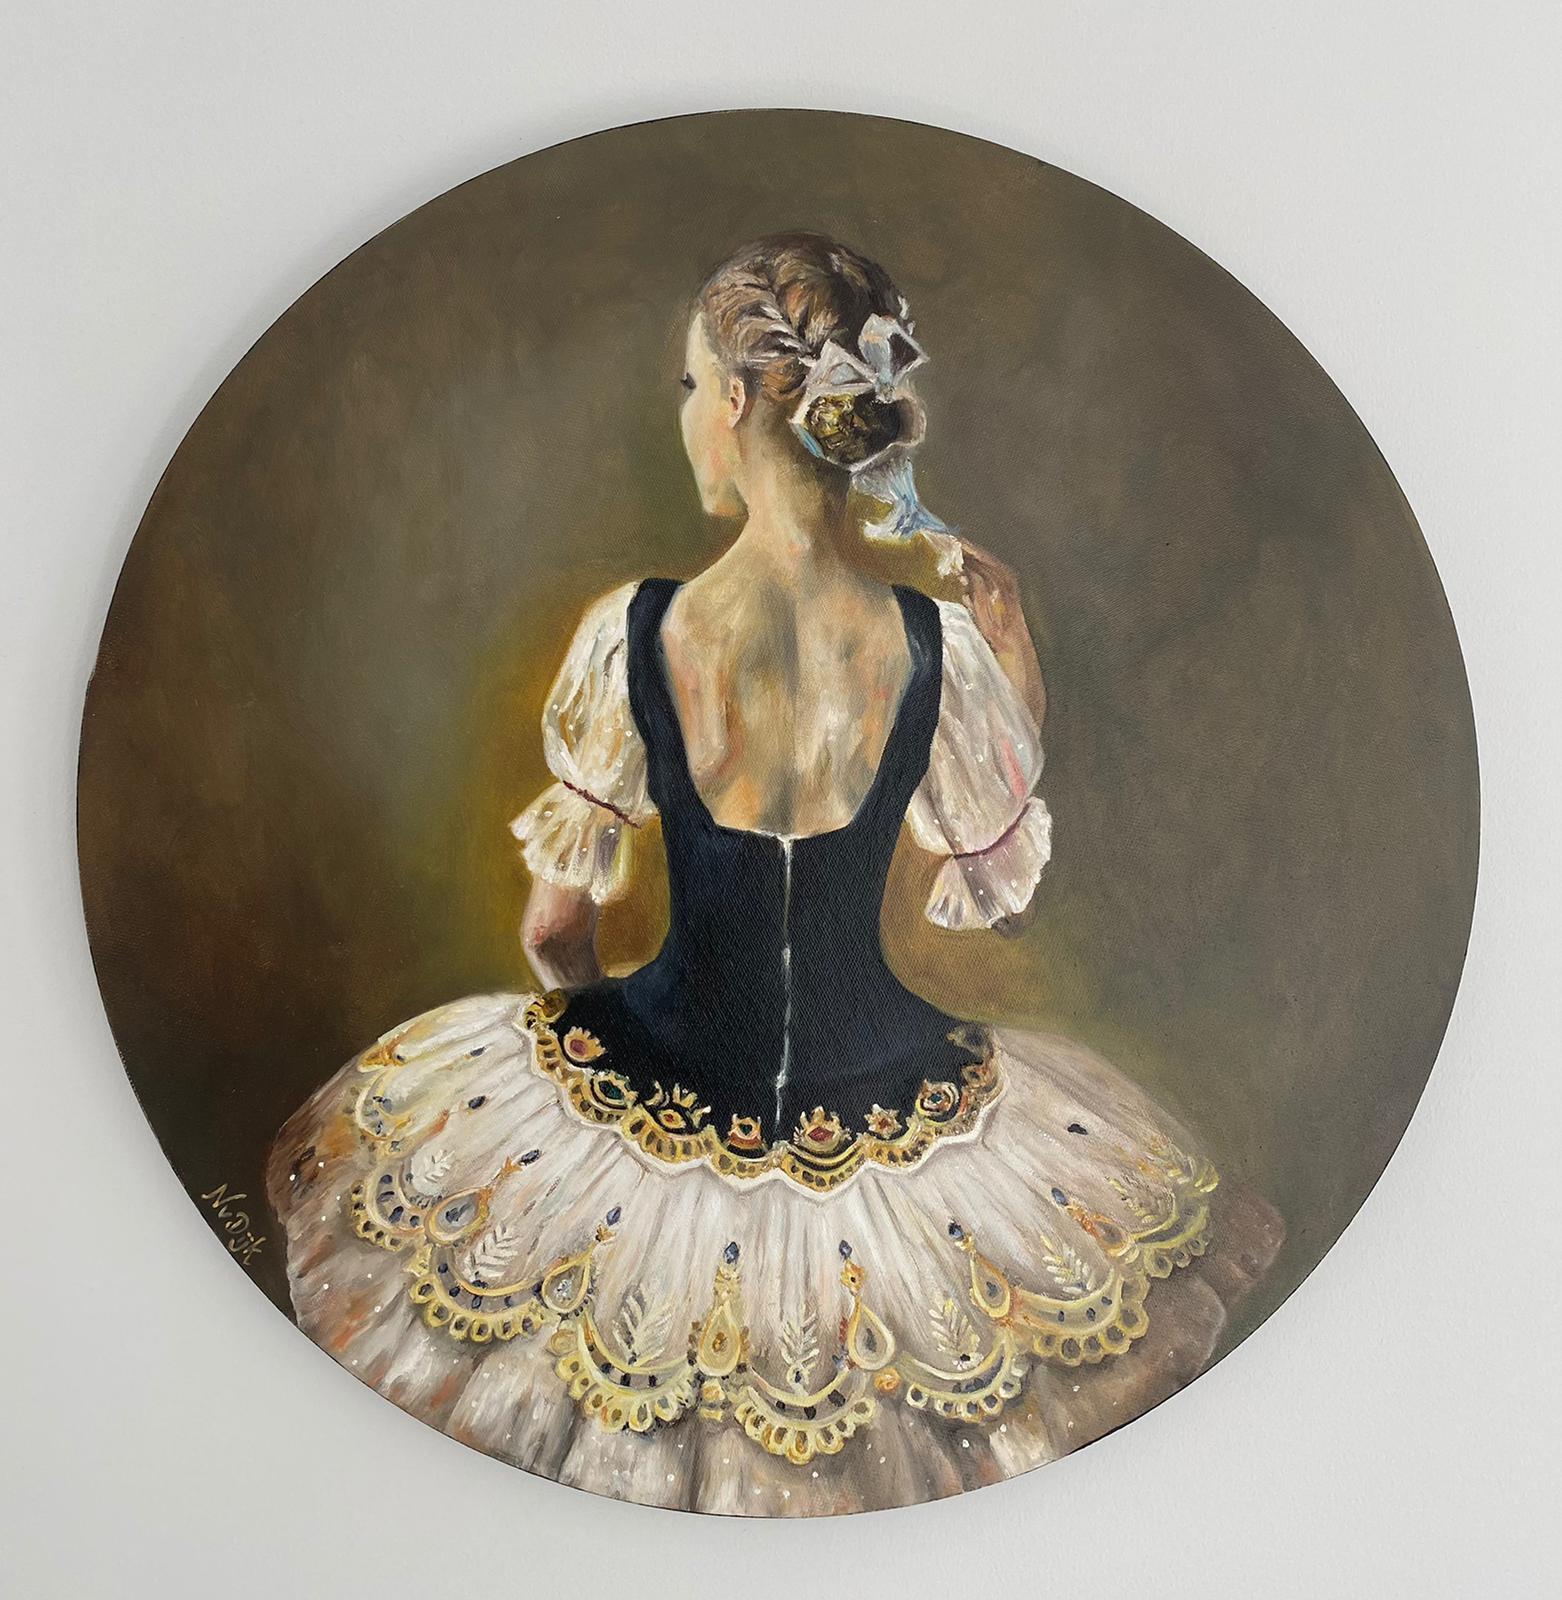 rond schilderij vrouw met jurk